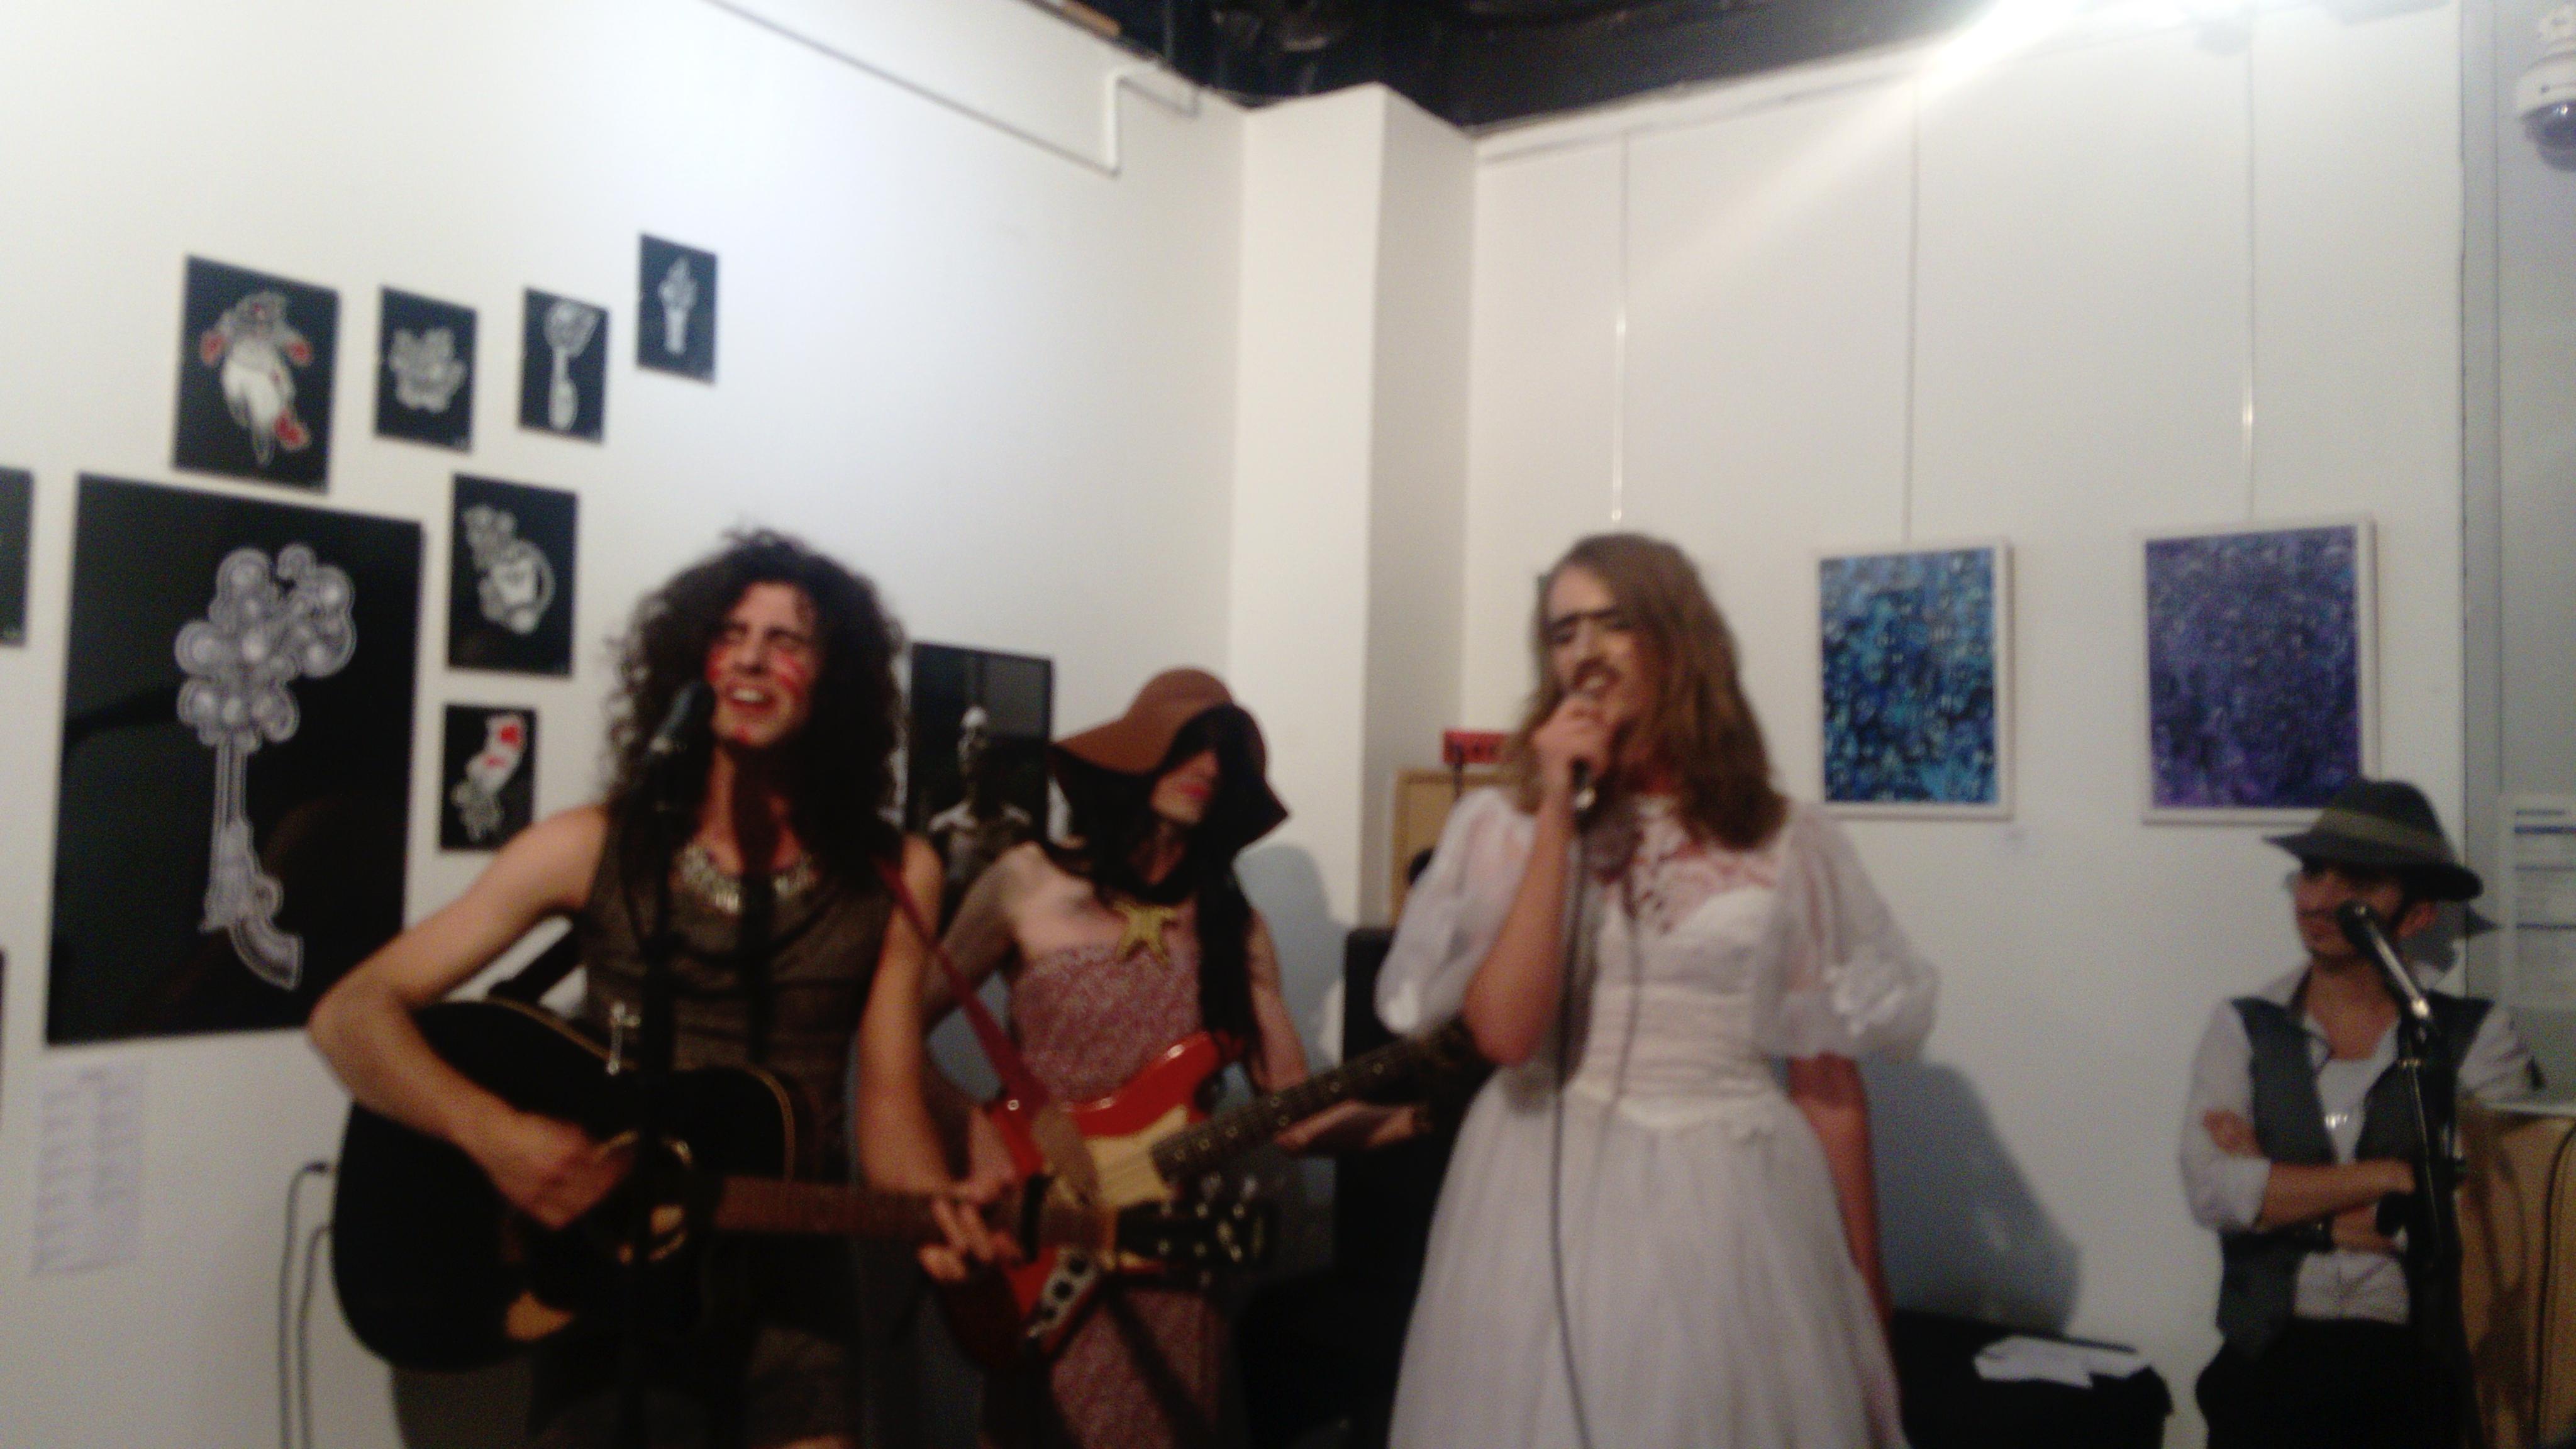 Concert des Putes d'Acier 22 juin